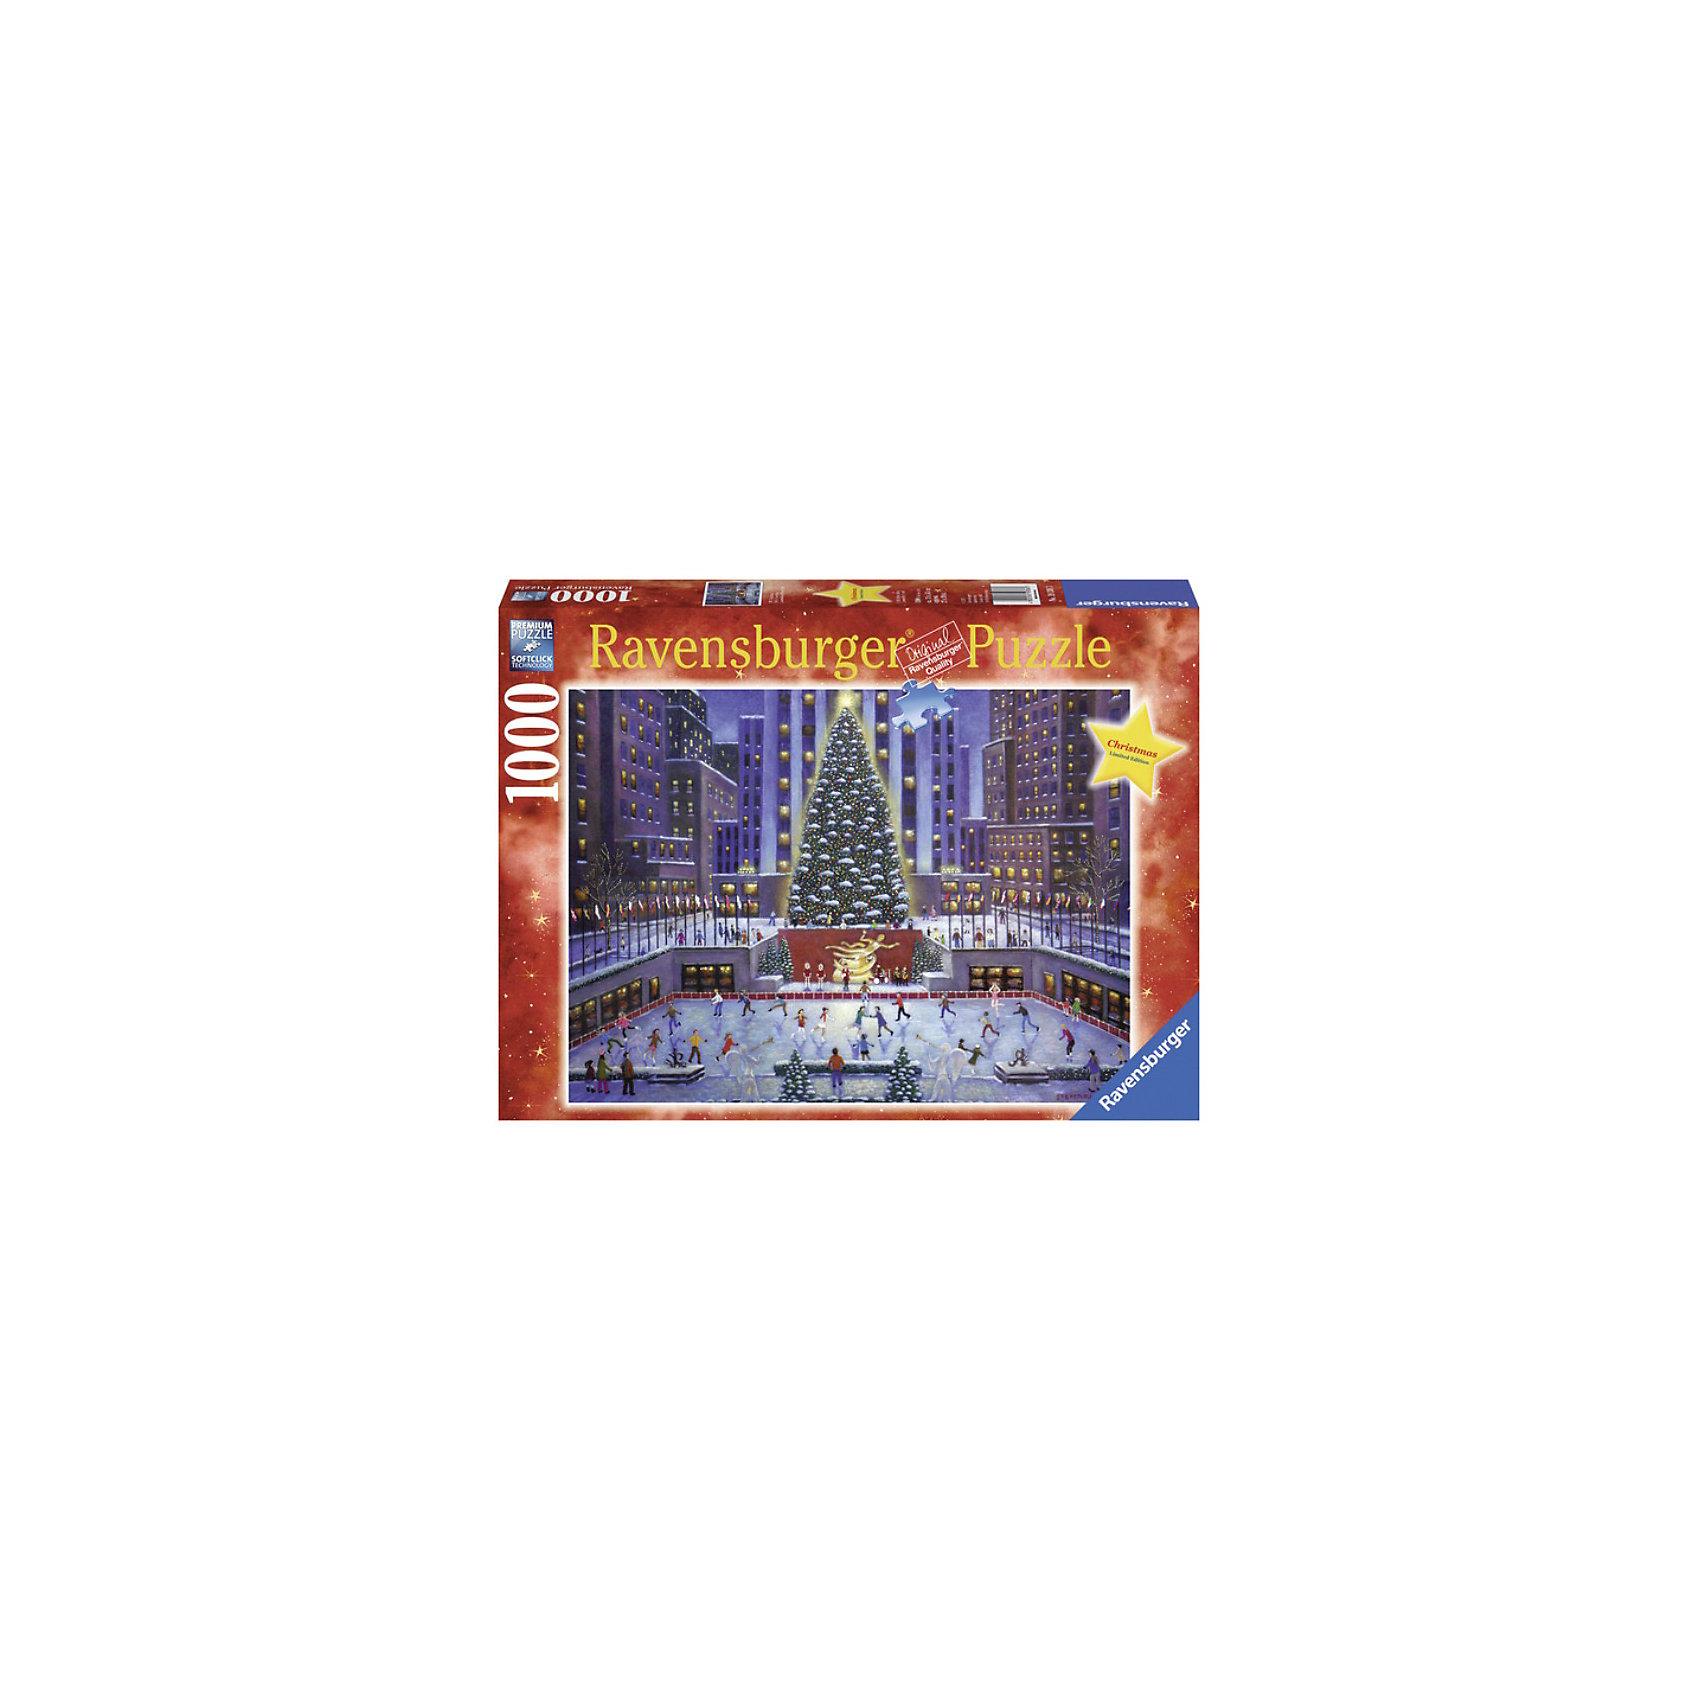 Пазл Рождество 1000 деталей, RavensburgerПазл Рождество 1000 деталей, Ravensburger (Равенсбургер) – это великолепный подарок, как для ребенка, так и для взрослого.<br>Большой увлекательный пазл Рождество Ravensburger объединит всю семью за интересным занятием, подарит новогоднее настроение. Пазлы Ravensburger – это не только яркие, интересные изображения, но и высочайшее качество продукции. Каждый пазл фирмы Ravensburger изготовлен и упакован с большой тщательностью. Особенности пазлов  Ravensburger: отсутствие двух одинаковых деталей; части пазла идеально соединяются; матовая поверхность исключает неприятные отблески; прочные детали не ломаются; изготовлены из экологического сырья.<br><br>Дополнительная информация:<br><br>- Количество деталей: 1000<br>- Размер картинки: 70х50 см.<br>- Материал: картон<br>- Размер коробки: 37 x 5,5 х 27 см.<br><br>Пазл Рождество 1000 деталей, Ravensburger (Равенсбургер) можно купить в нашем интернет-магазине.<br><br>Ширина мм: 0<br>Глубина мм: 0<br>Высота мм: 0<br>Вес г: 0<br>Возраст от месяцев: 168<br>Возраст до месяцев: 216<br>Пол: Унисекс<br>Возраст: Детский<br>Количество деталей: 1000<br>SKU: 3894996